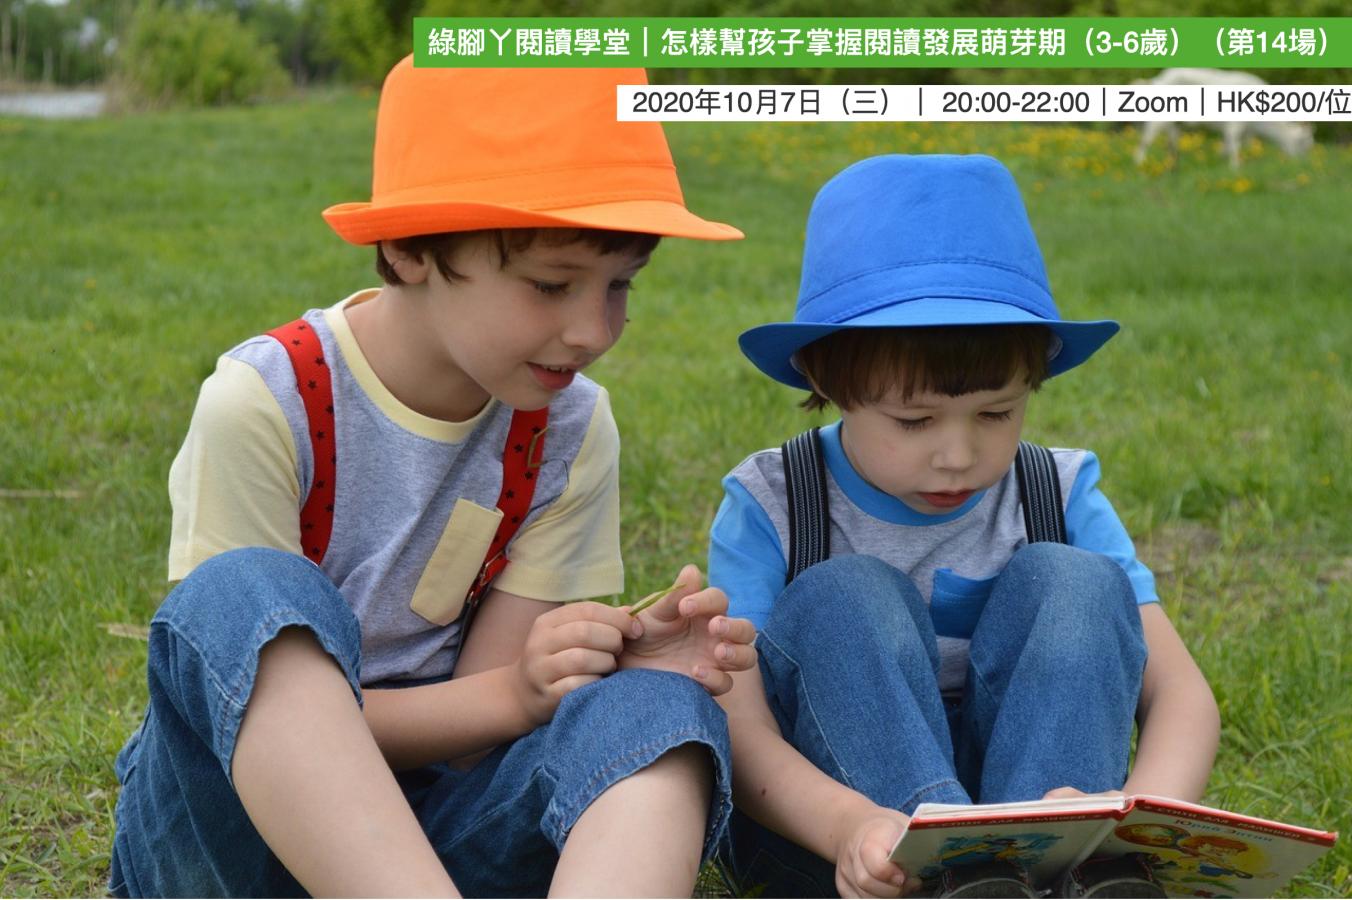 綠腳丫閱讀學堂|怎樣幫孩子掌握閱讀發展萌芽期(3-6歲)(第14場)